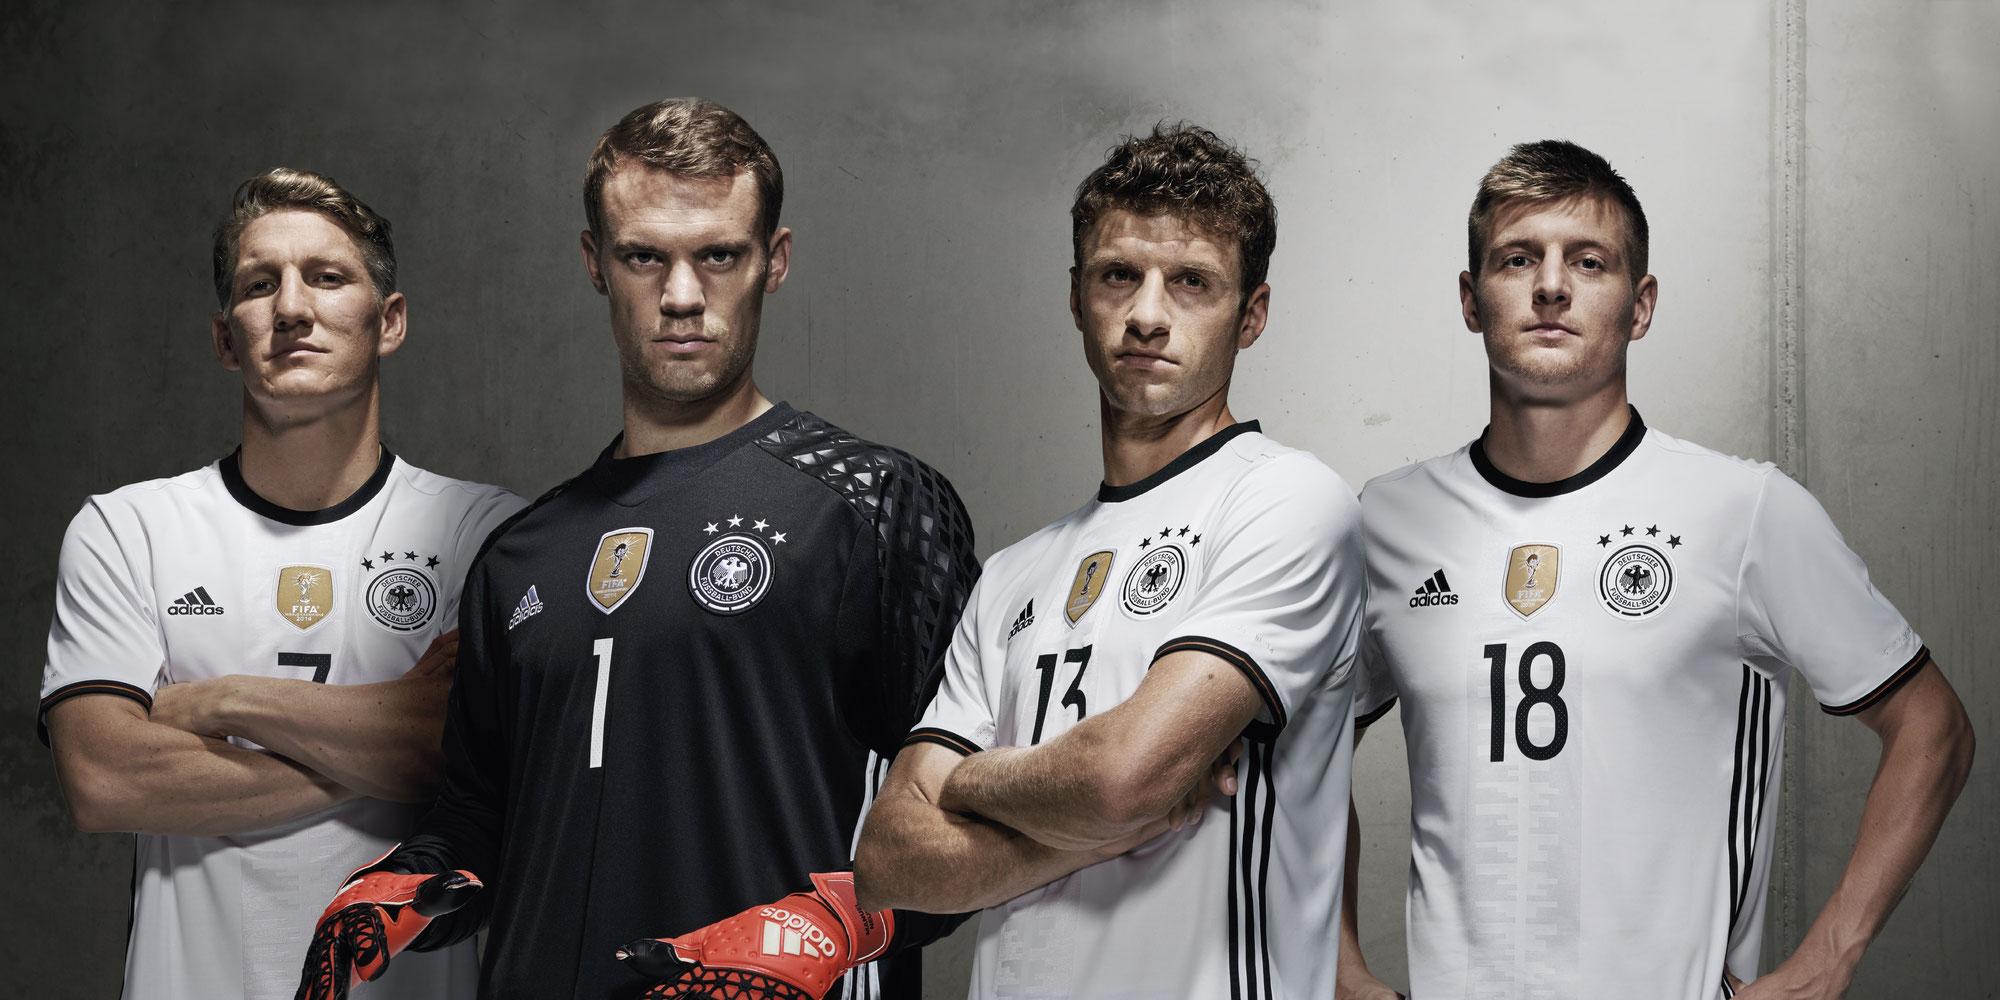 【德國足球】2016歐洲國家杯:Cap德國的圖